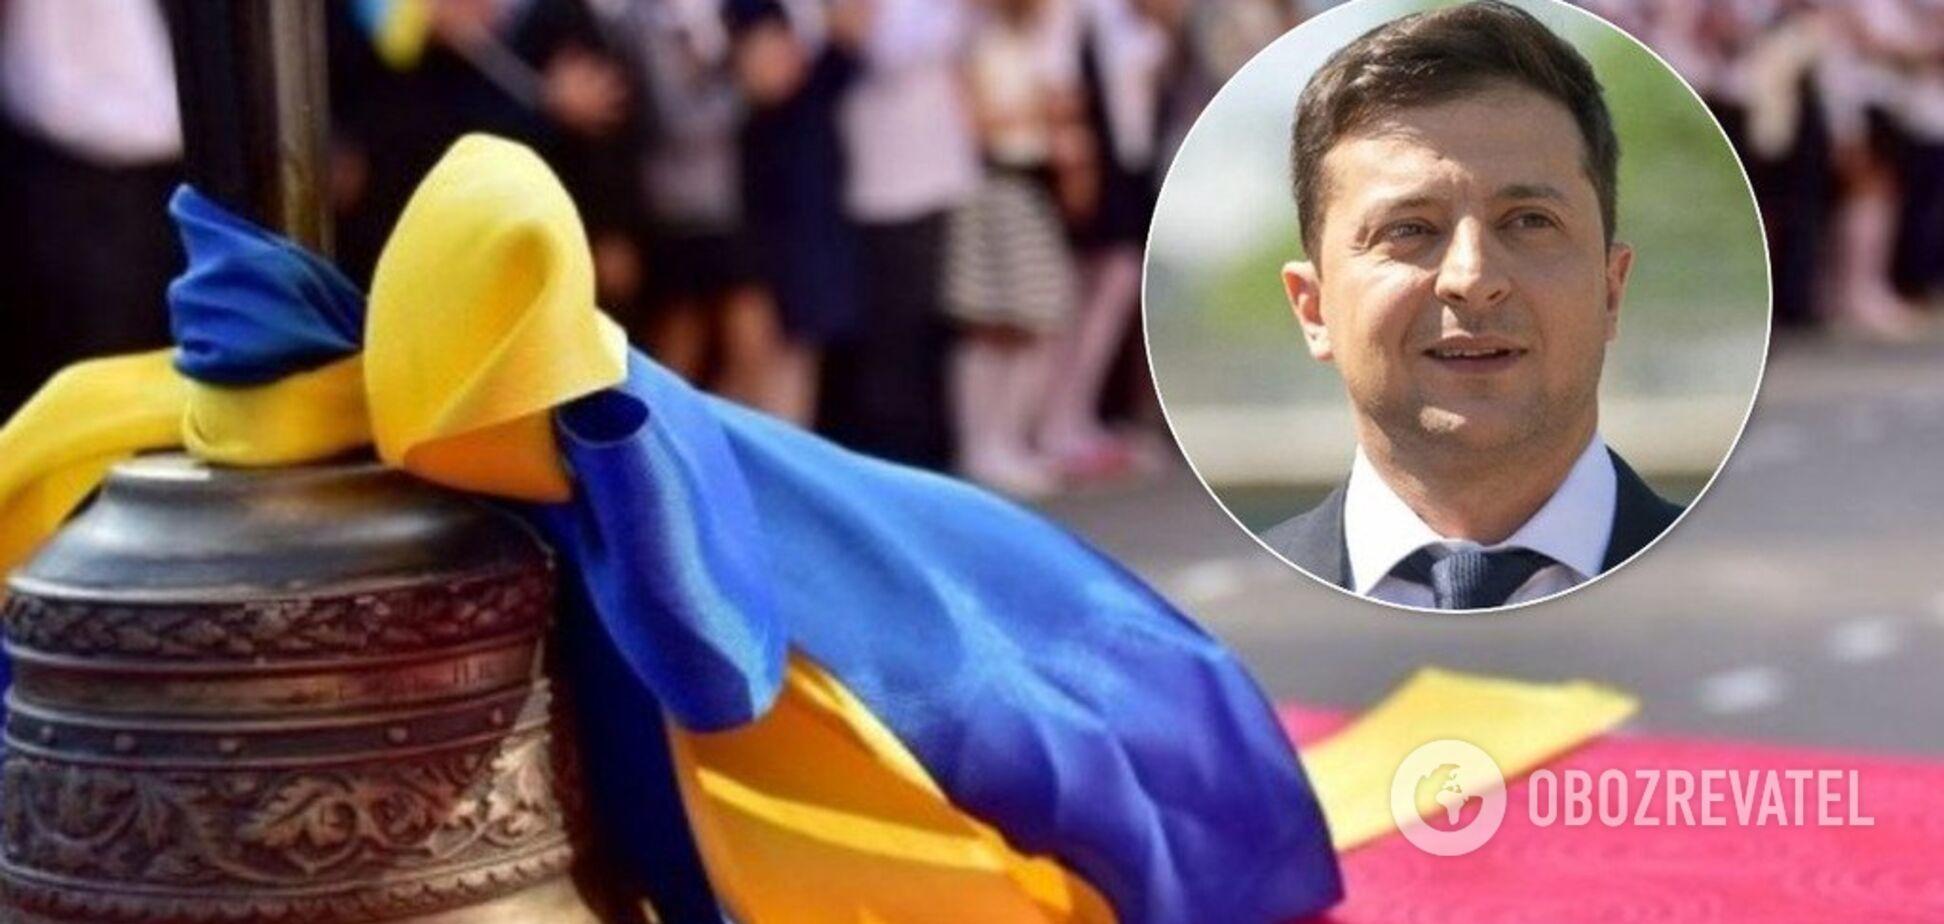 'Сором!' У школі Києва розгорівся скандал через вірші про Зеленського